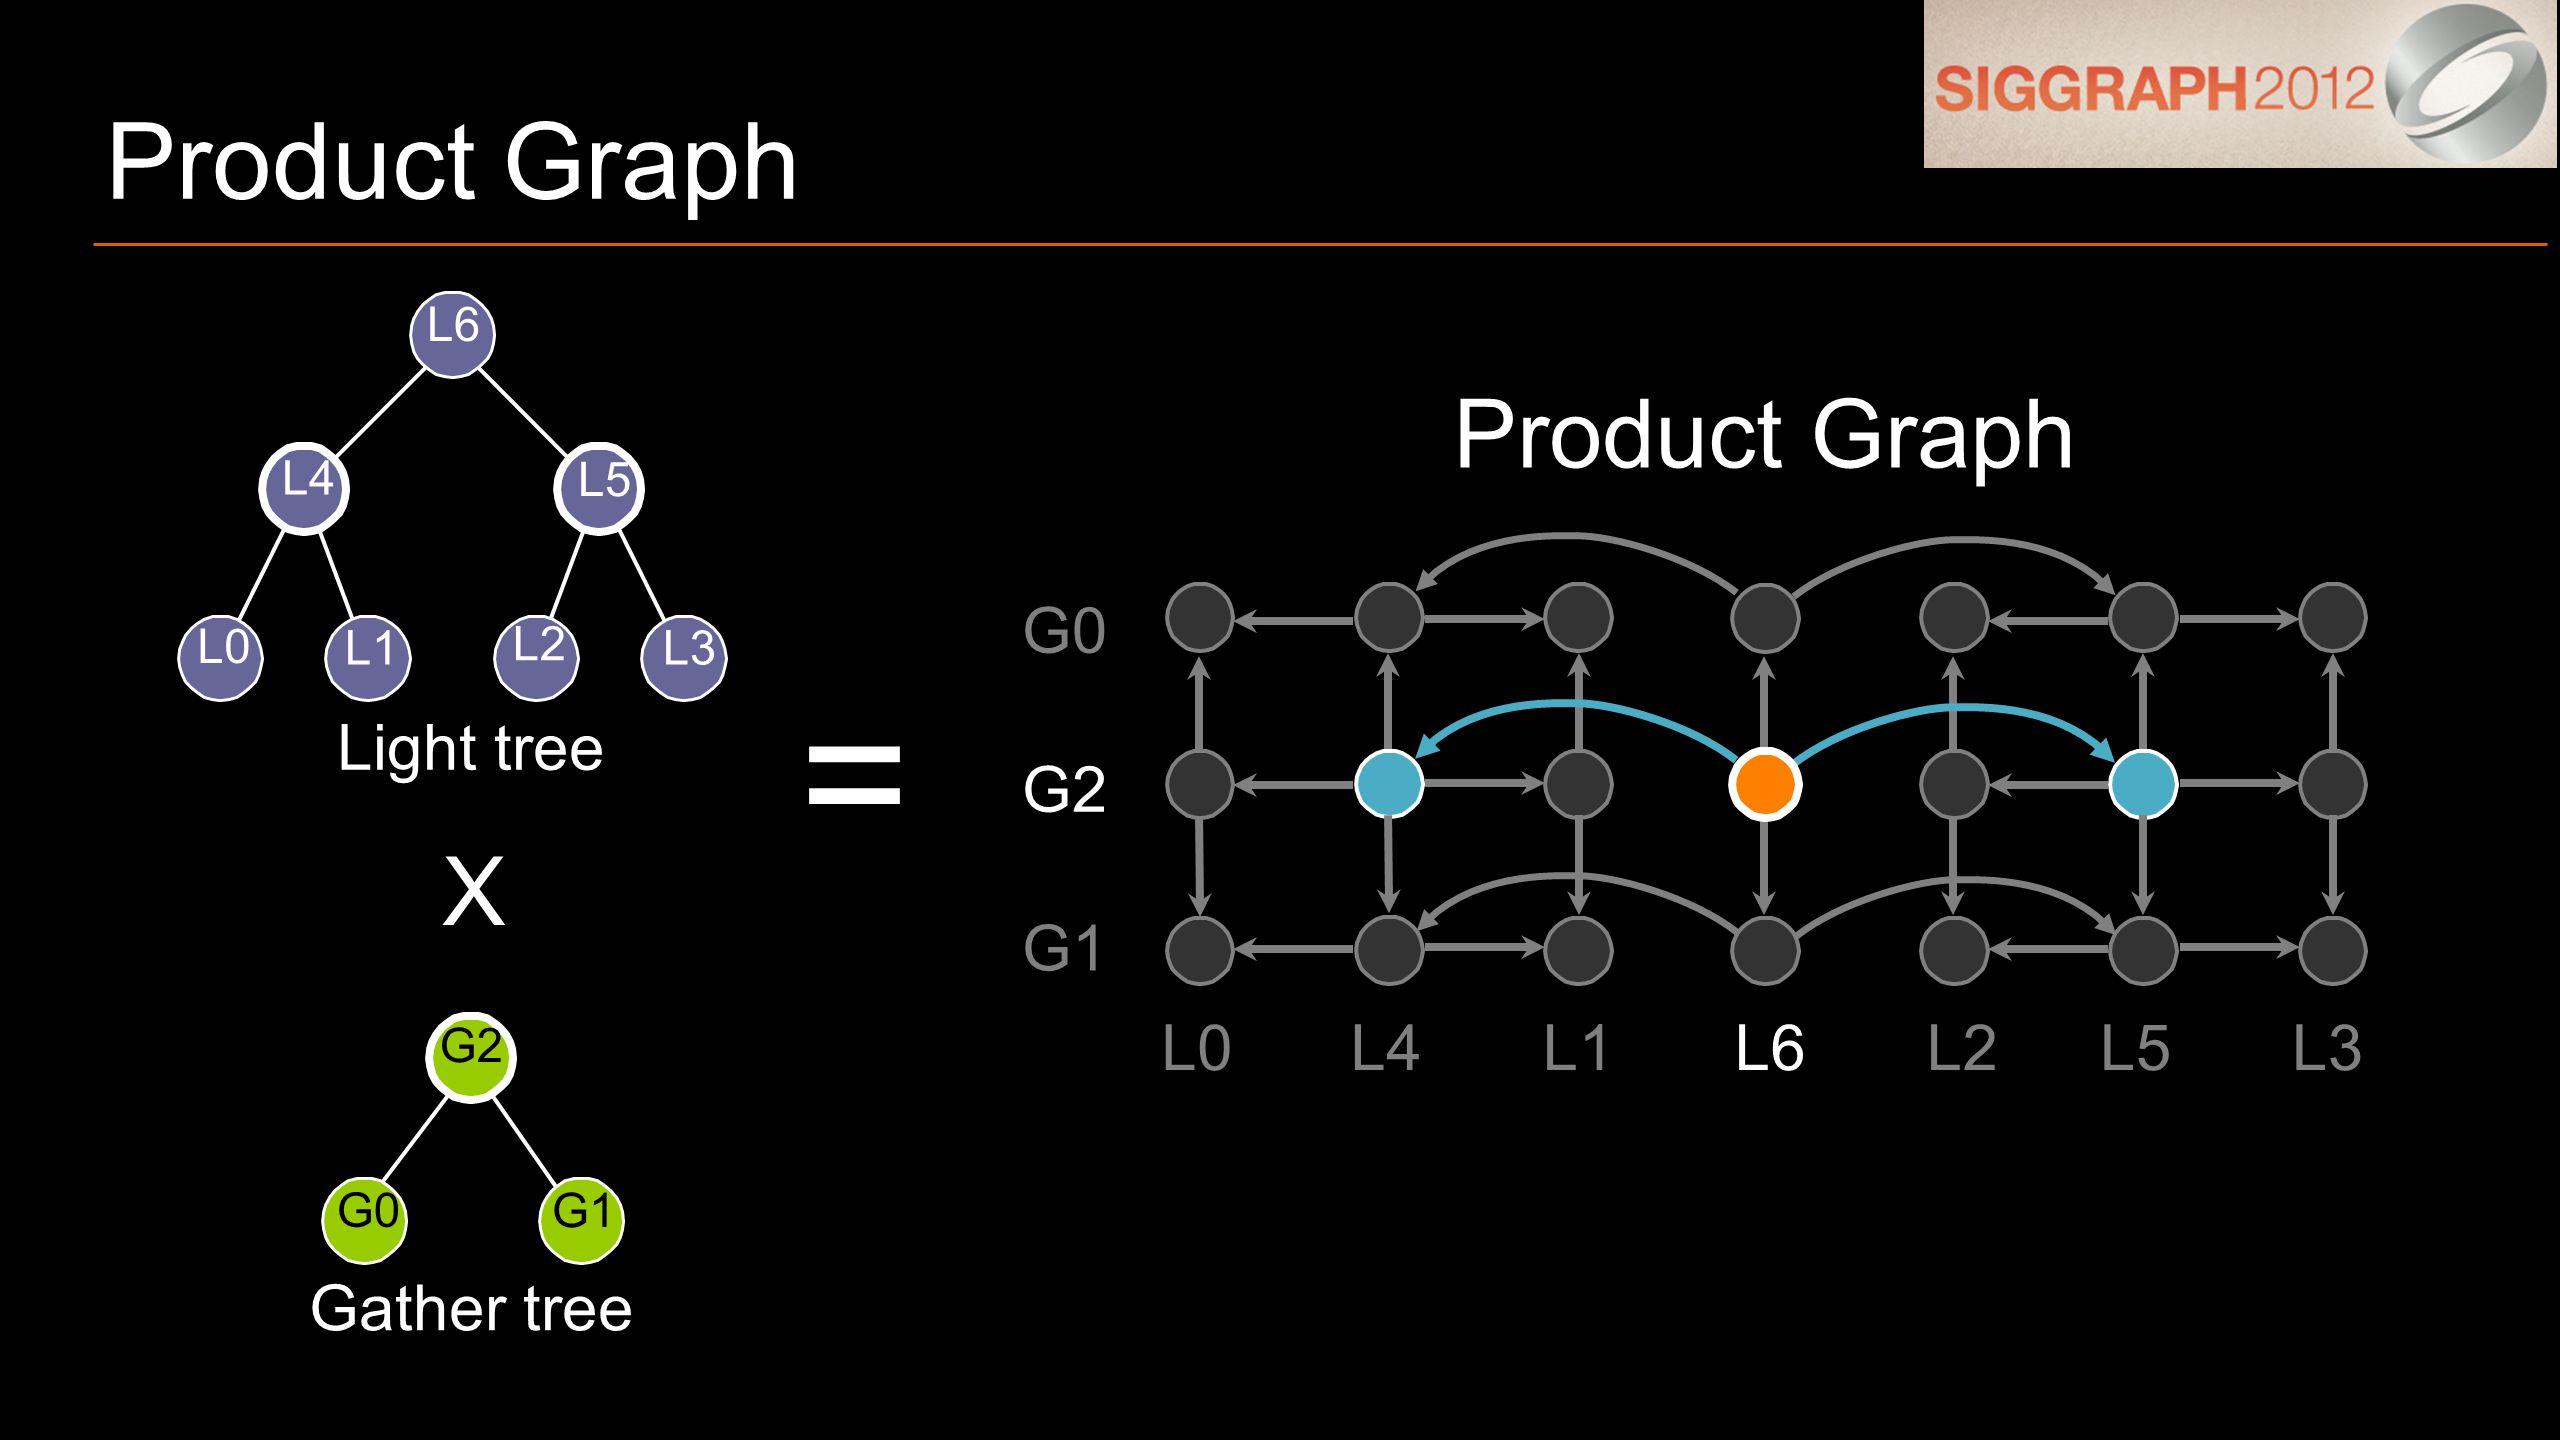 G1 G0 G2 L0L4L1L6L2L5L3 Product Graph = Light tree Gather tree L0 L1 L2 L3 L4 L5 L6 G1 G0 G2 X